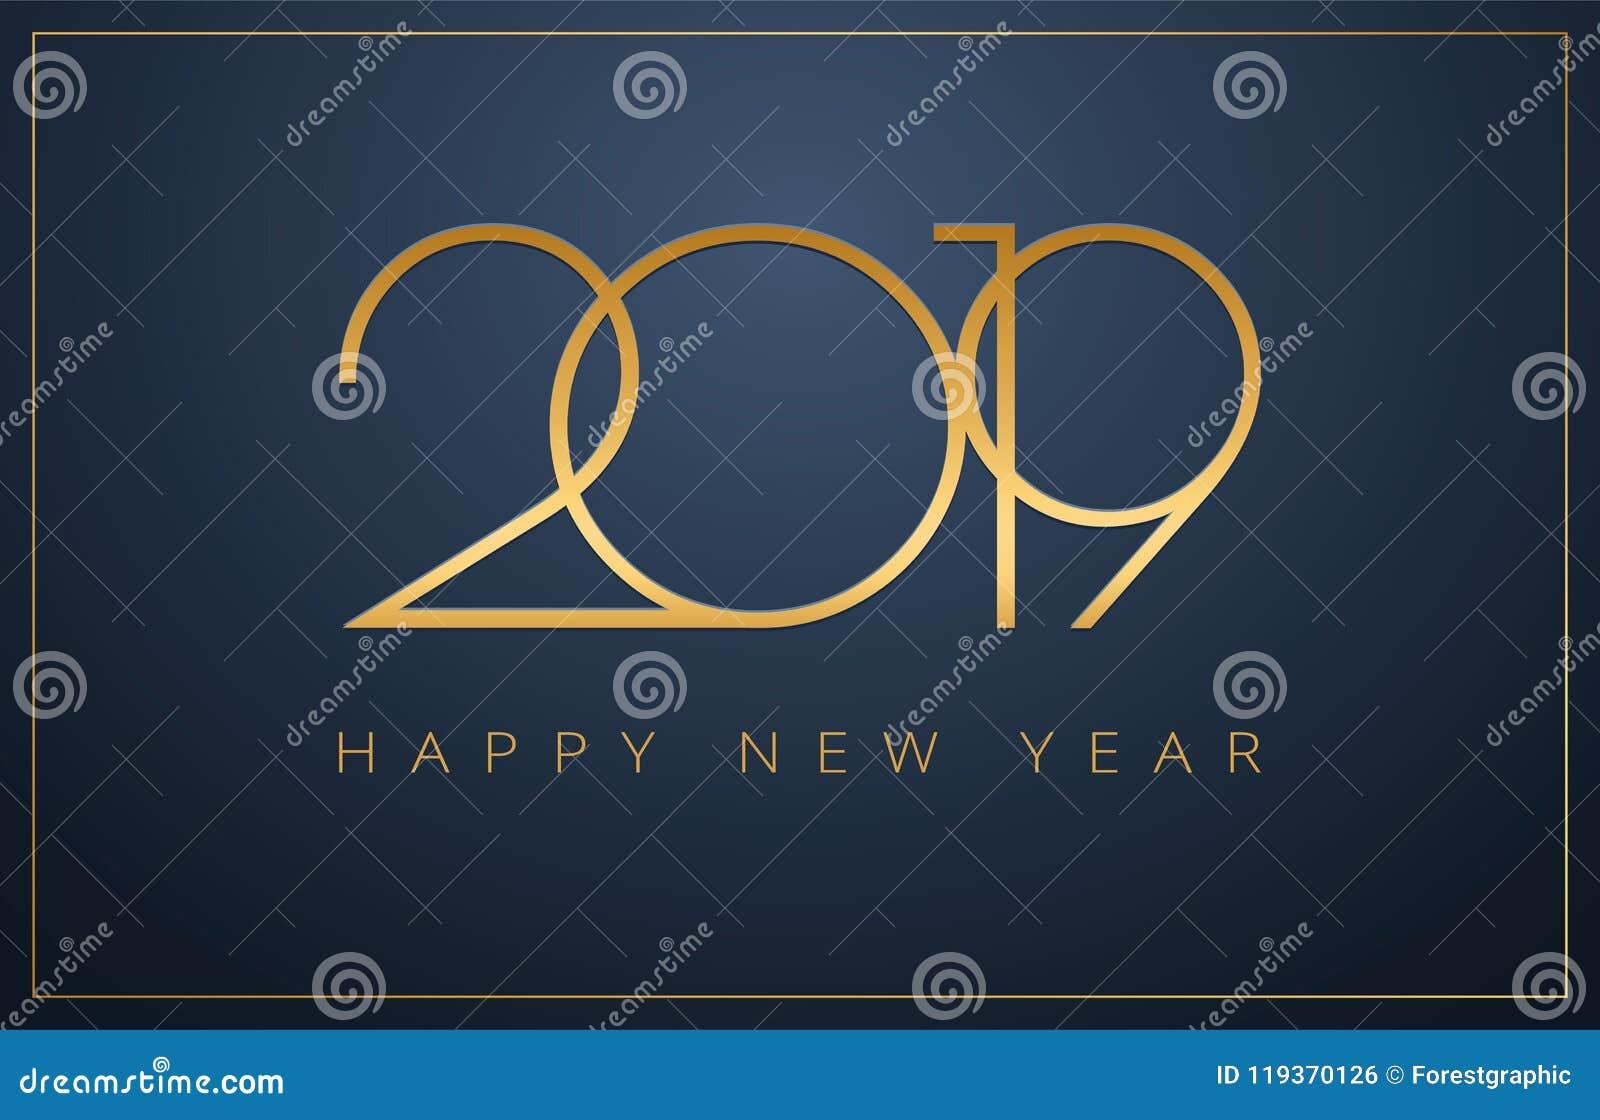 Αριστοκρατικό υπόβαθρο καλής χρονιάς του 2019 Χρυσό σχέδιο για Christm